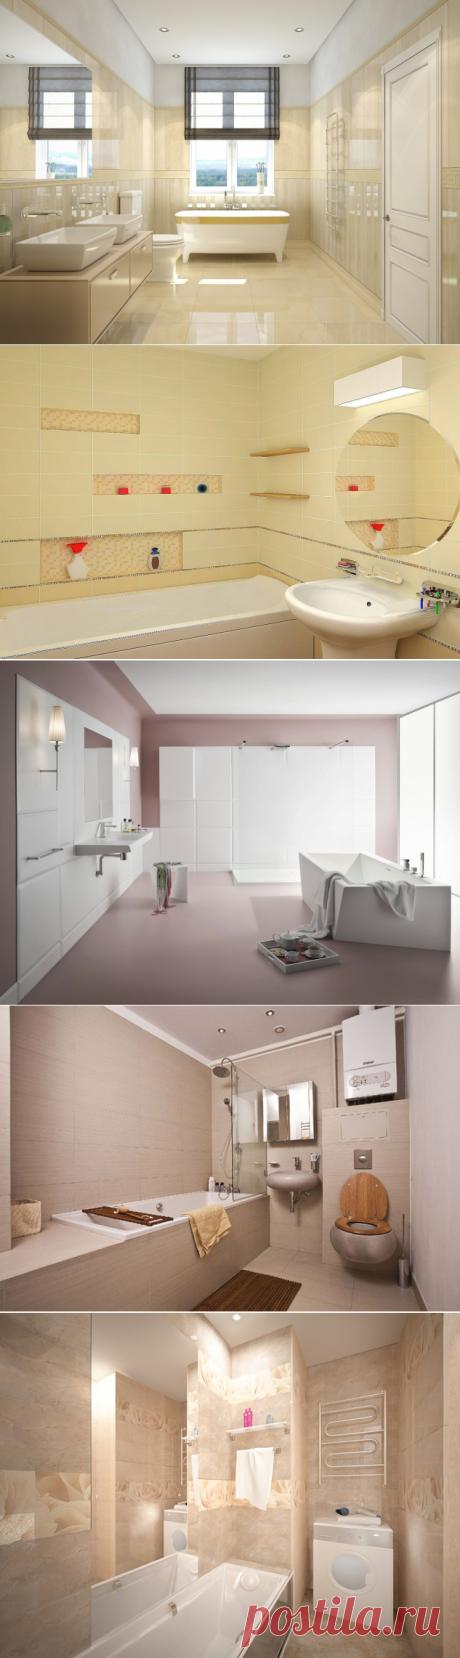 Дизайн ванной комнаты в теплых тонах и оттенках